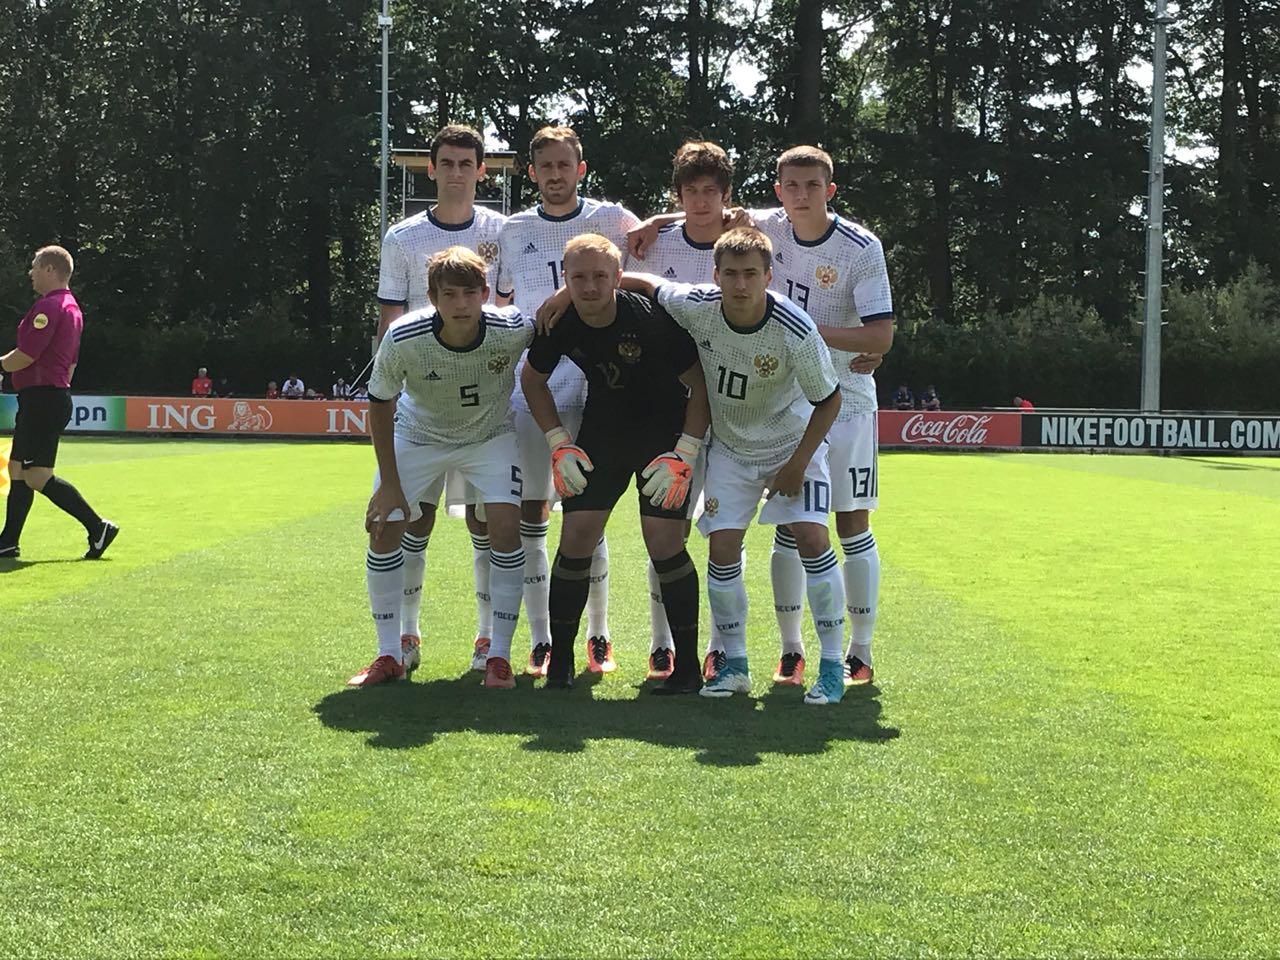 Сборная команда России со счетом 1-0 нанесла поражение сборной Украины в матче третьего круга группового этапа чемпионата Европы по футболу 7х7 спорта лиц с заболеванием ЦП в Нидерландах